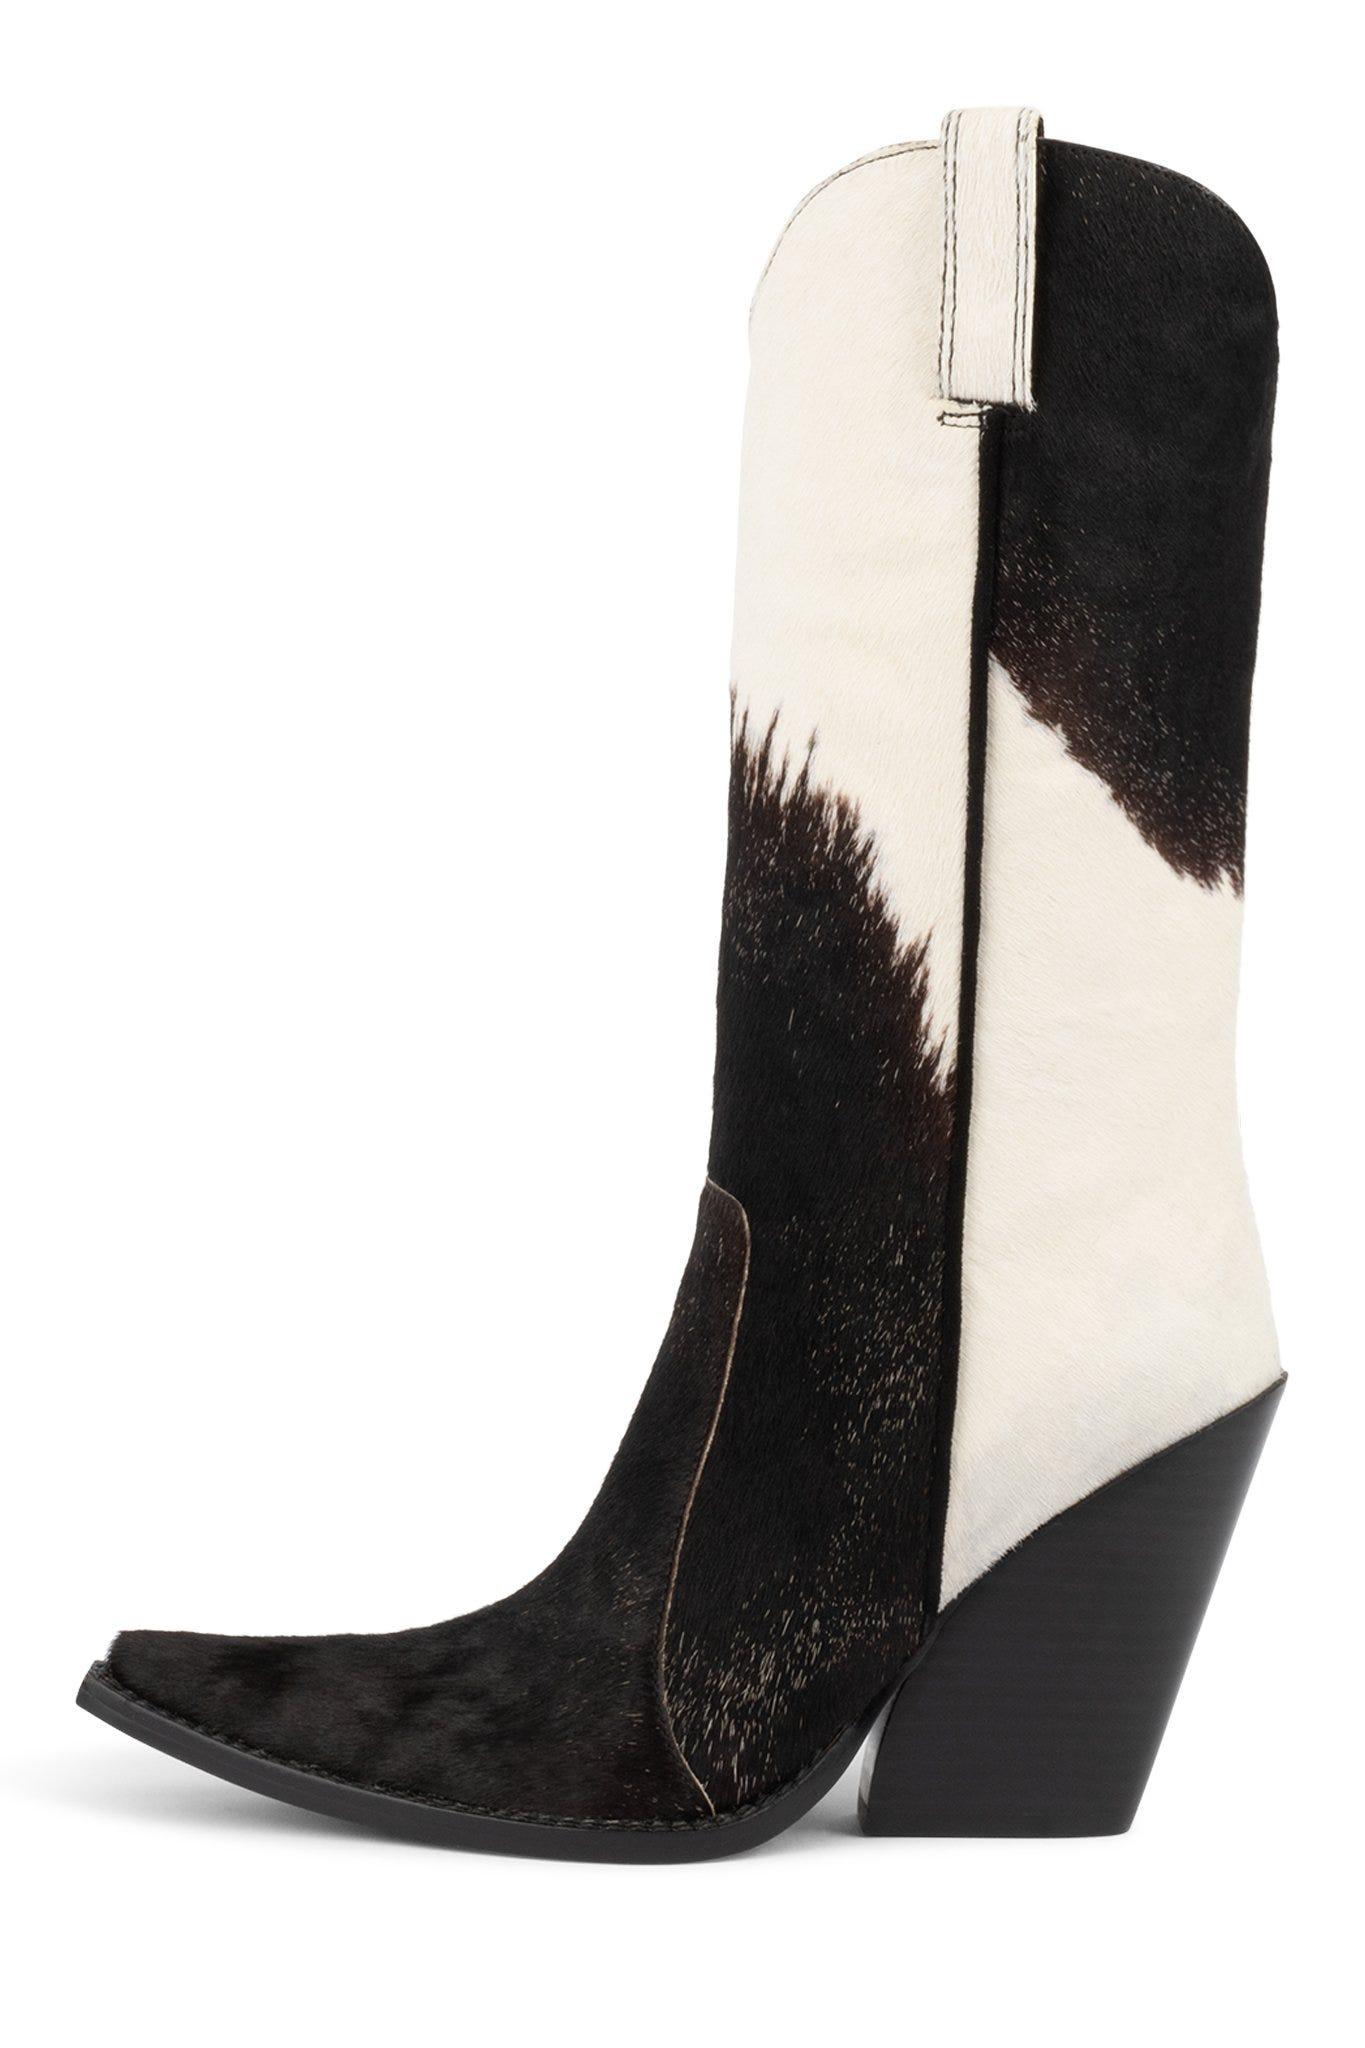 10e2d4542099 Womens Boots Trends - Best Winter 2019 Boot Styles